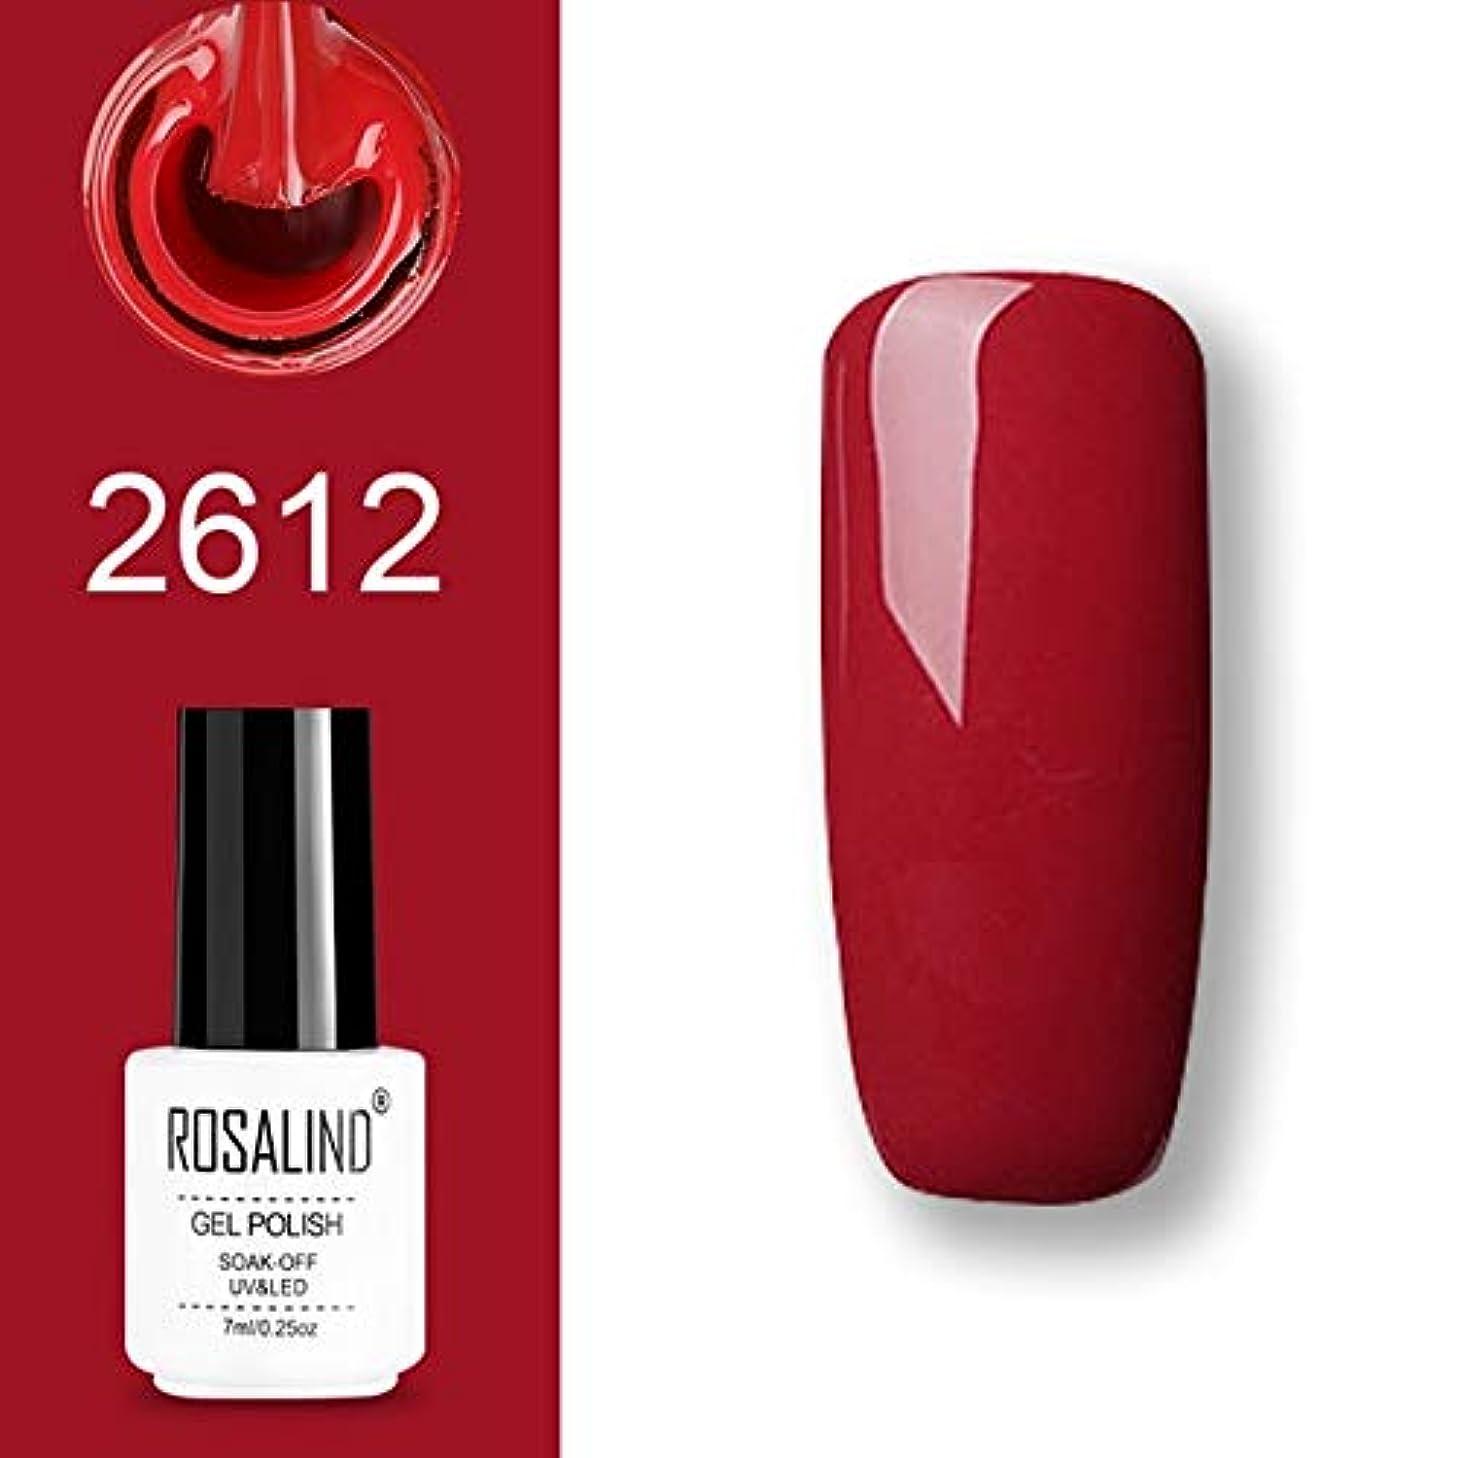 ビザ十分おもてなしファッションアイテム ROSALINDジェルポリッシュセットUV半永久プライマートップコートポリジェルニスネイルアートマニキュアジェル、容量:7ml 2612ピュアカラーネイルグルー 環境に優しいマニキュア